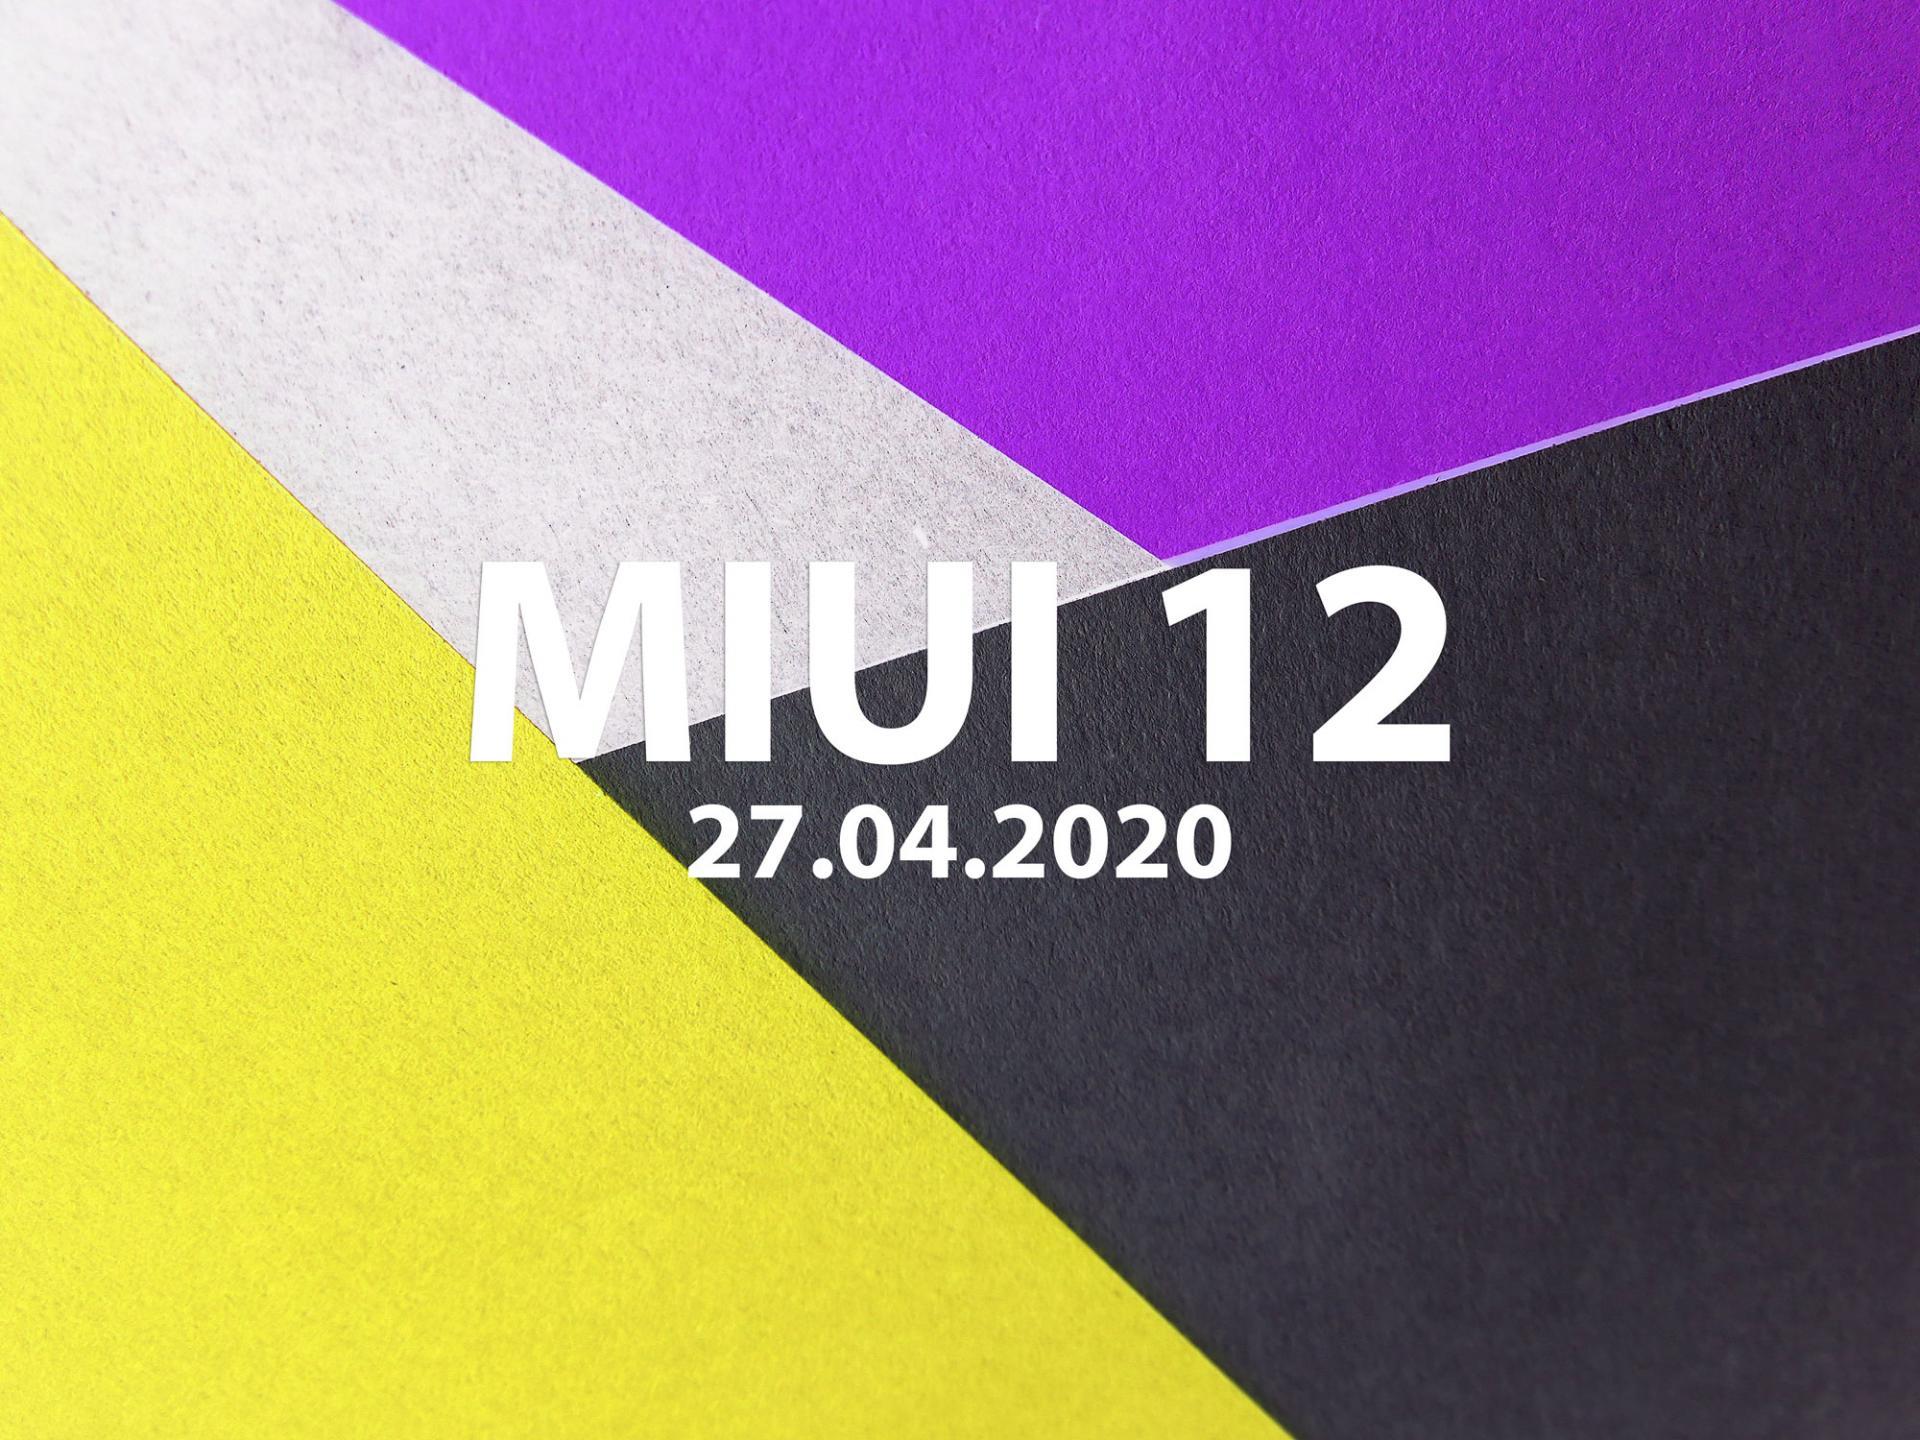 MIUI 12 покажут официально наследующей неделе